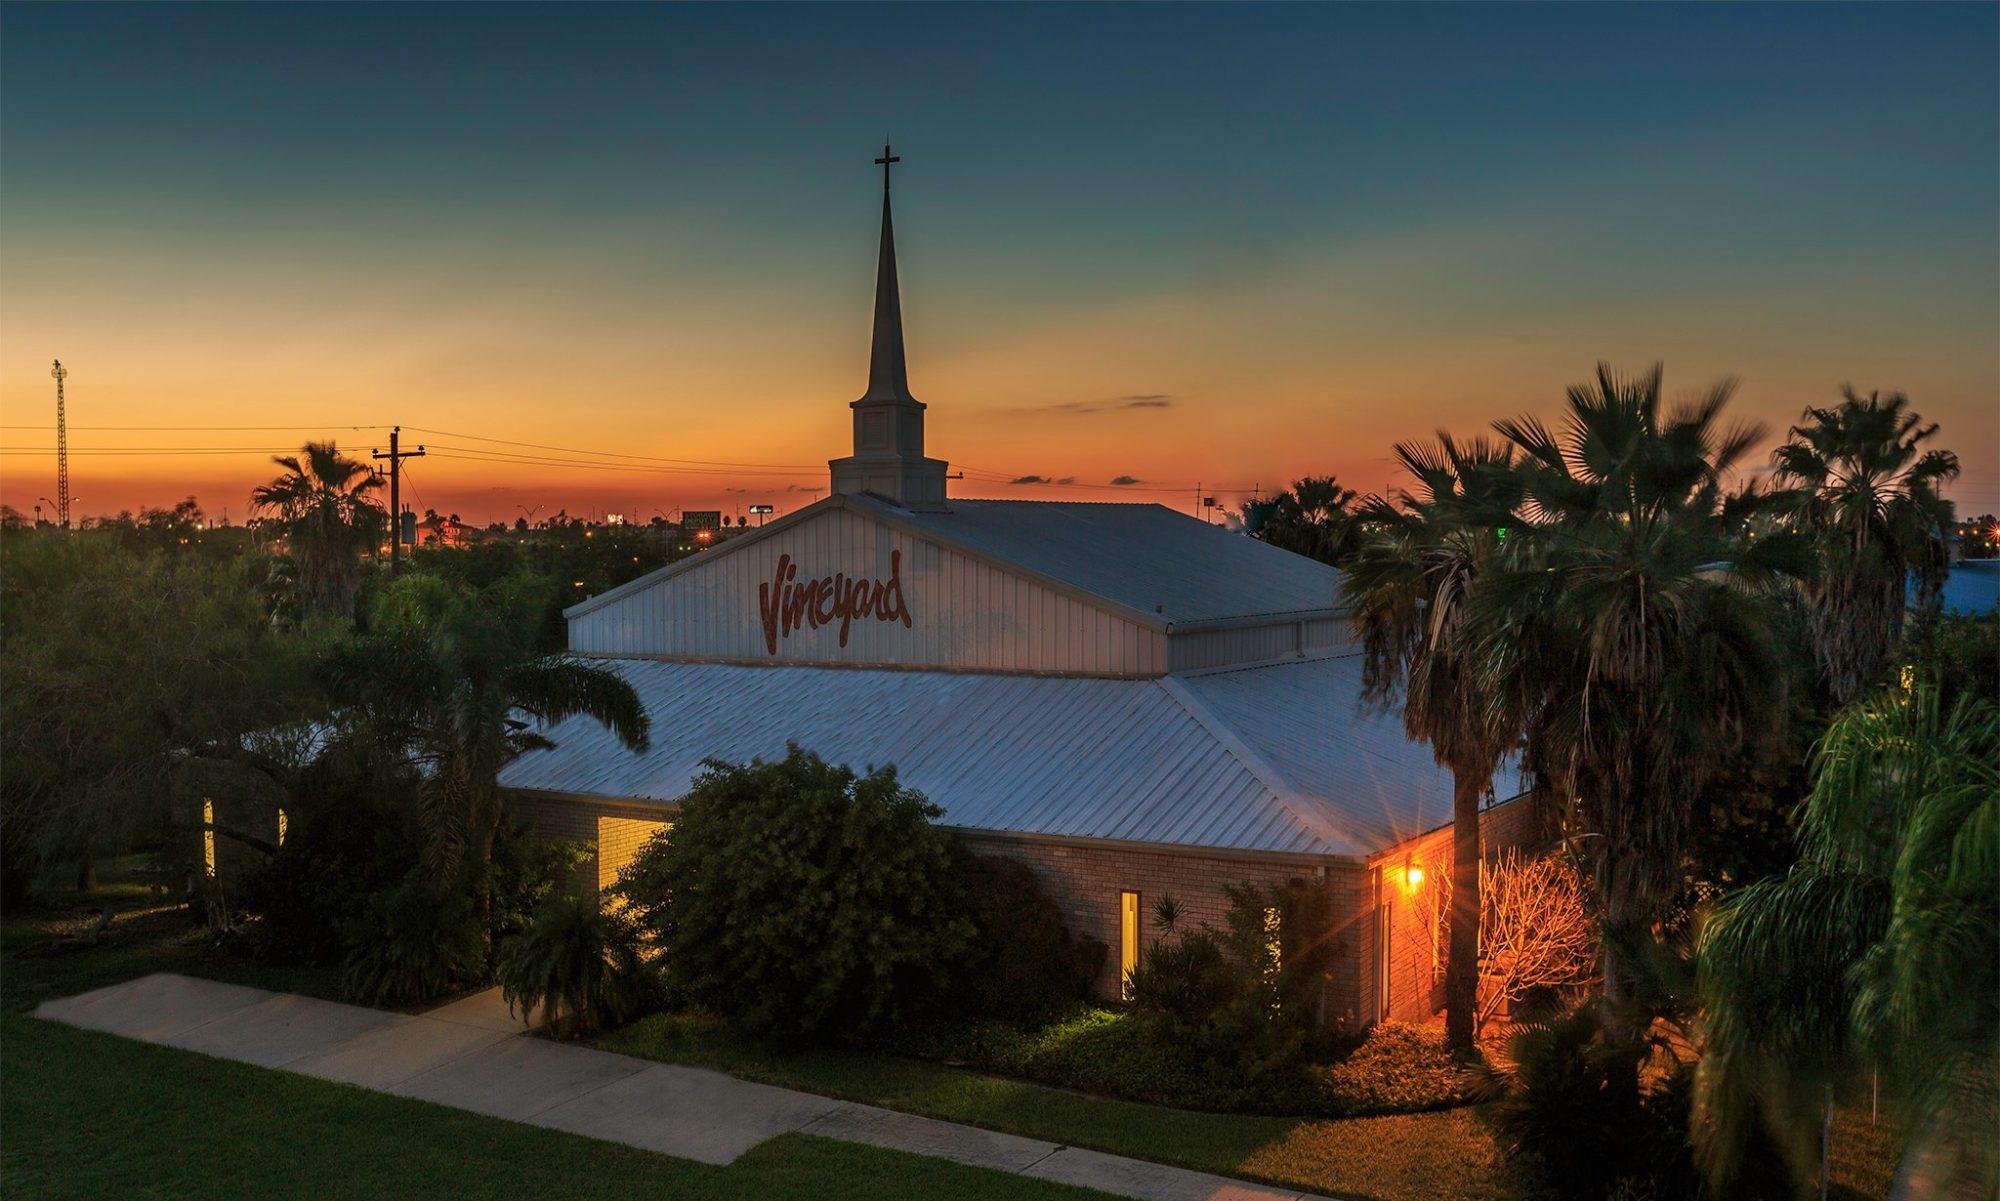 Brownsville Vineyard Church